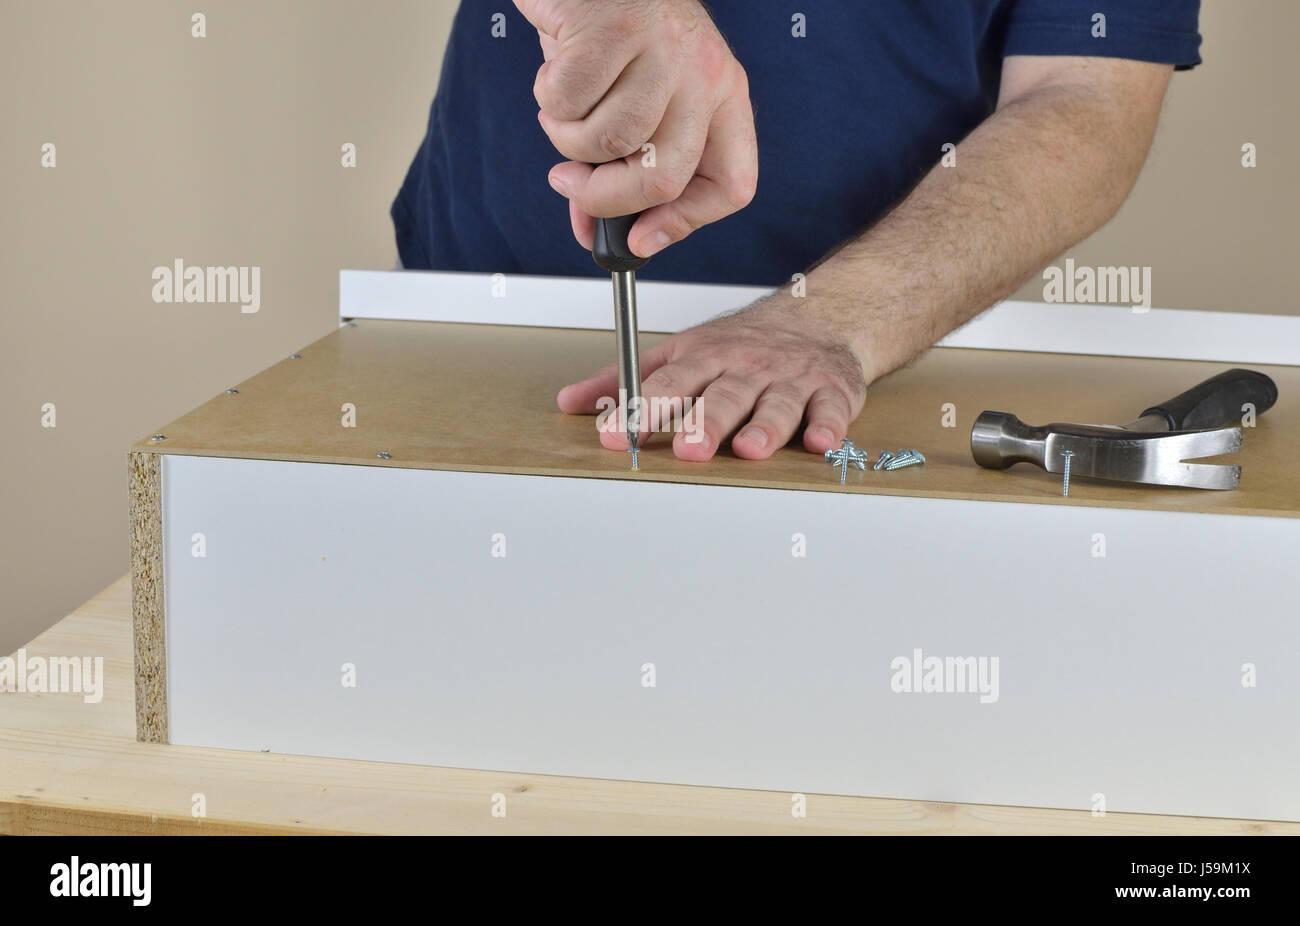 Hände des Mannes ein Holz Schrauben Schraube in eine Schublade ...